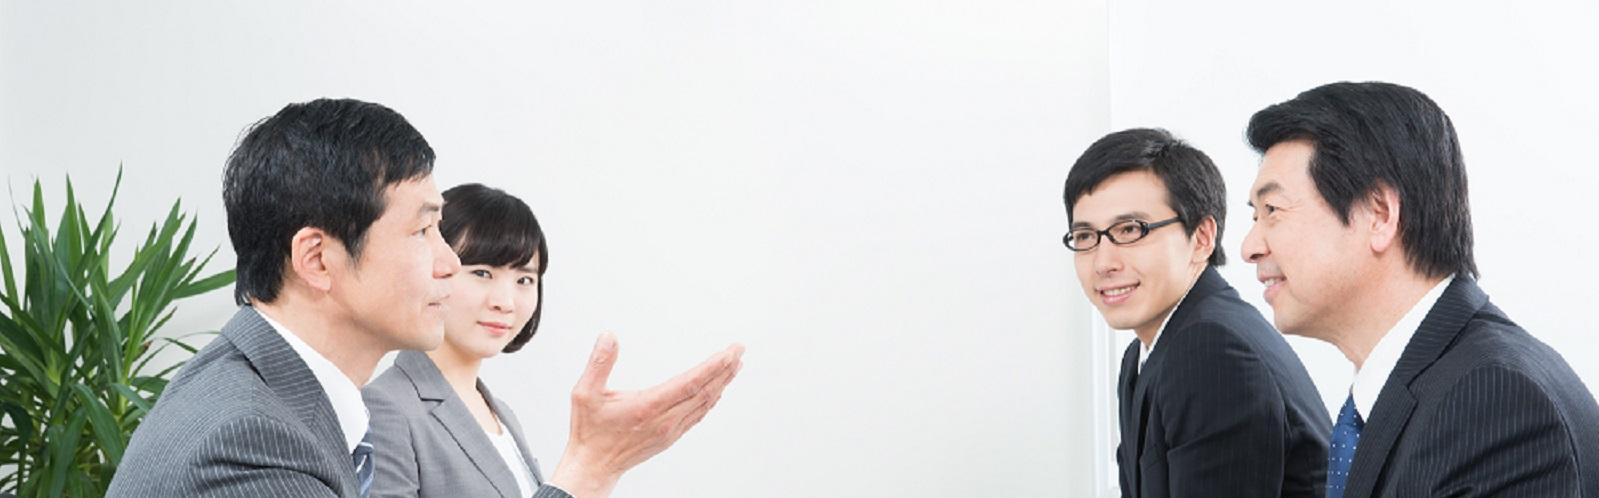 会社設立起業相談・行政書士東京合同研究所